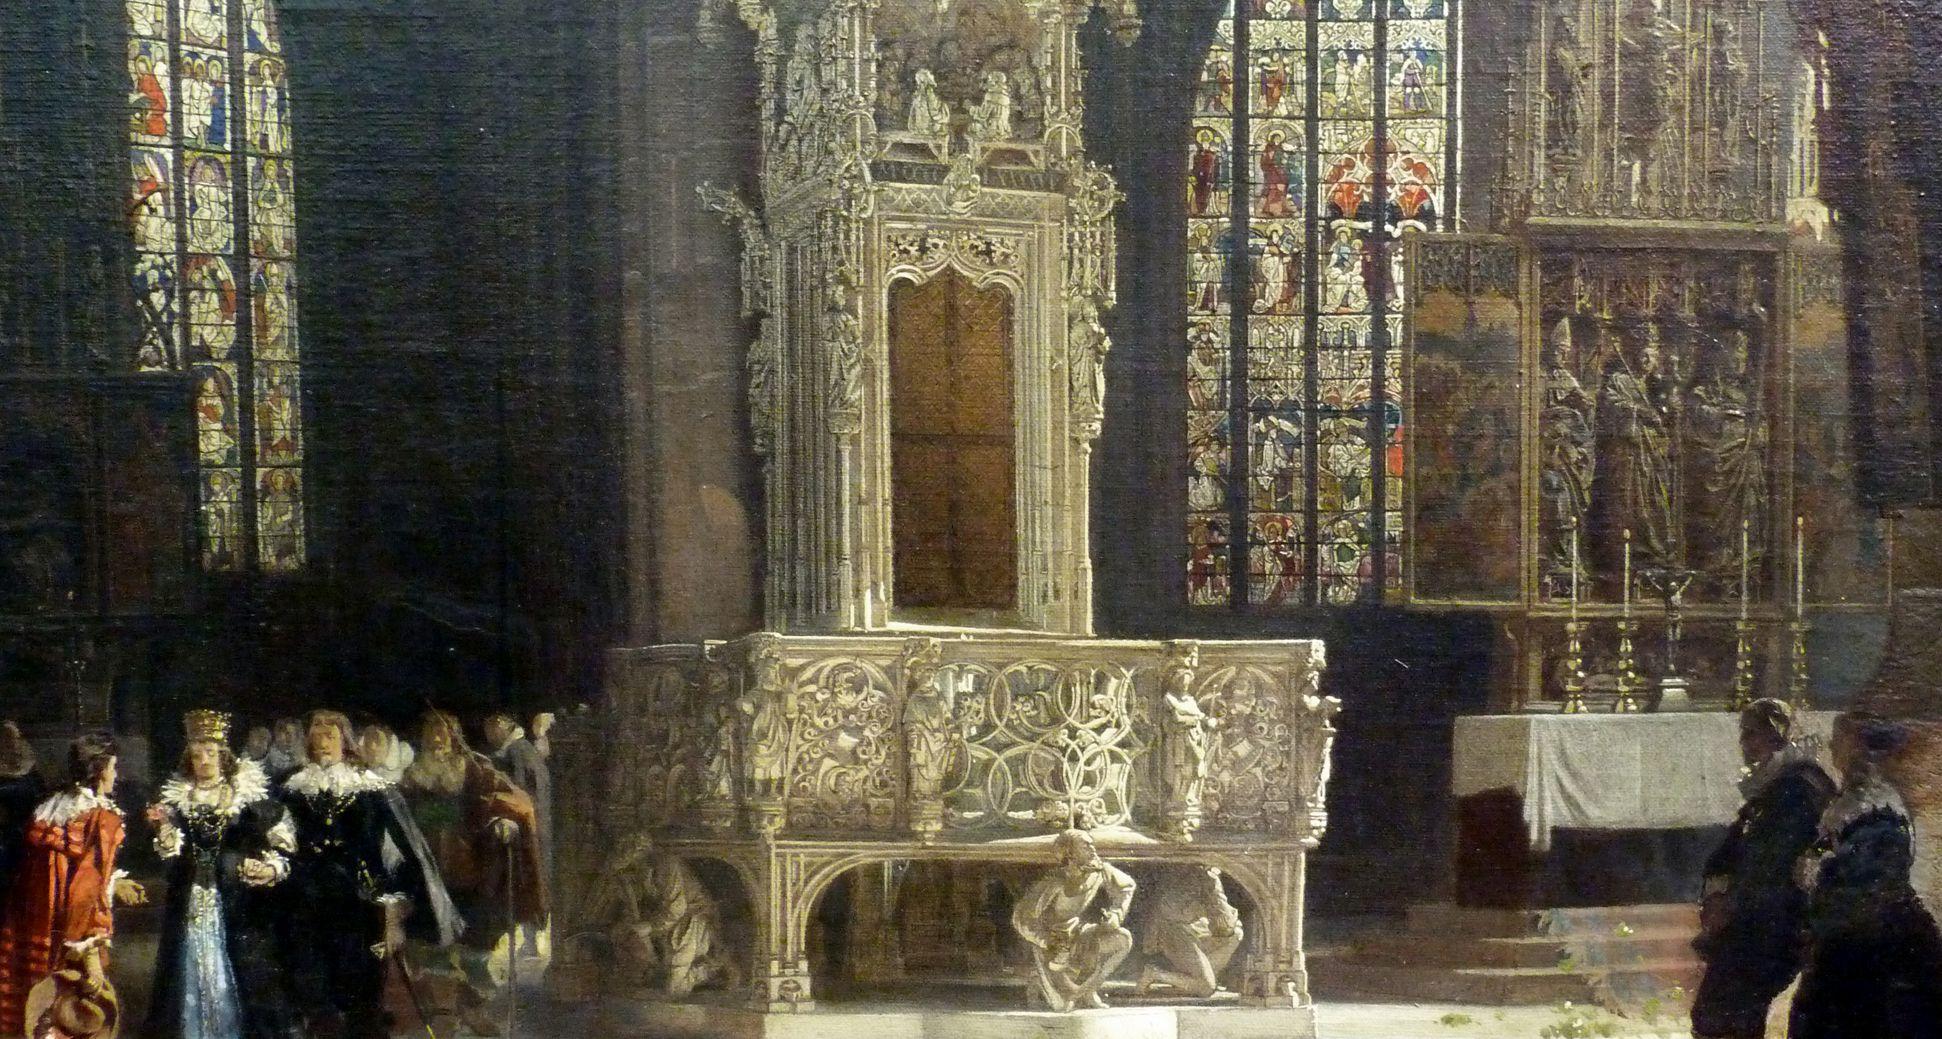 Sakramentshäuschen in der Nürnberger Lorenzkirche mit Brautzug aus dem frühen 17. Jahrhundert Detailansicht mit Brautzug